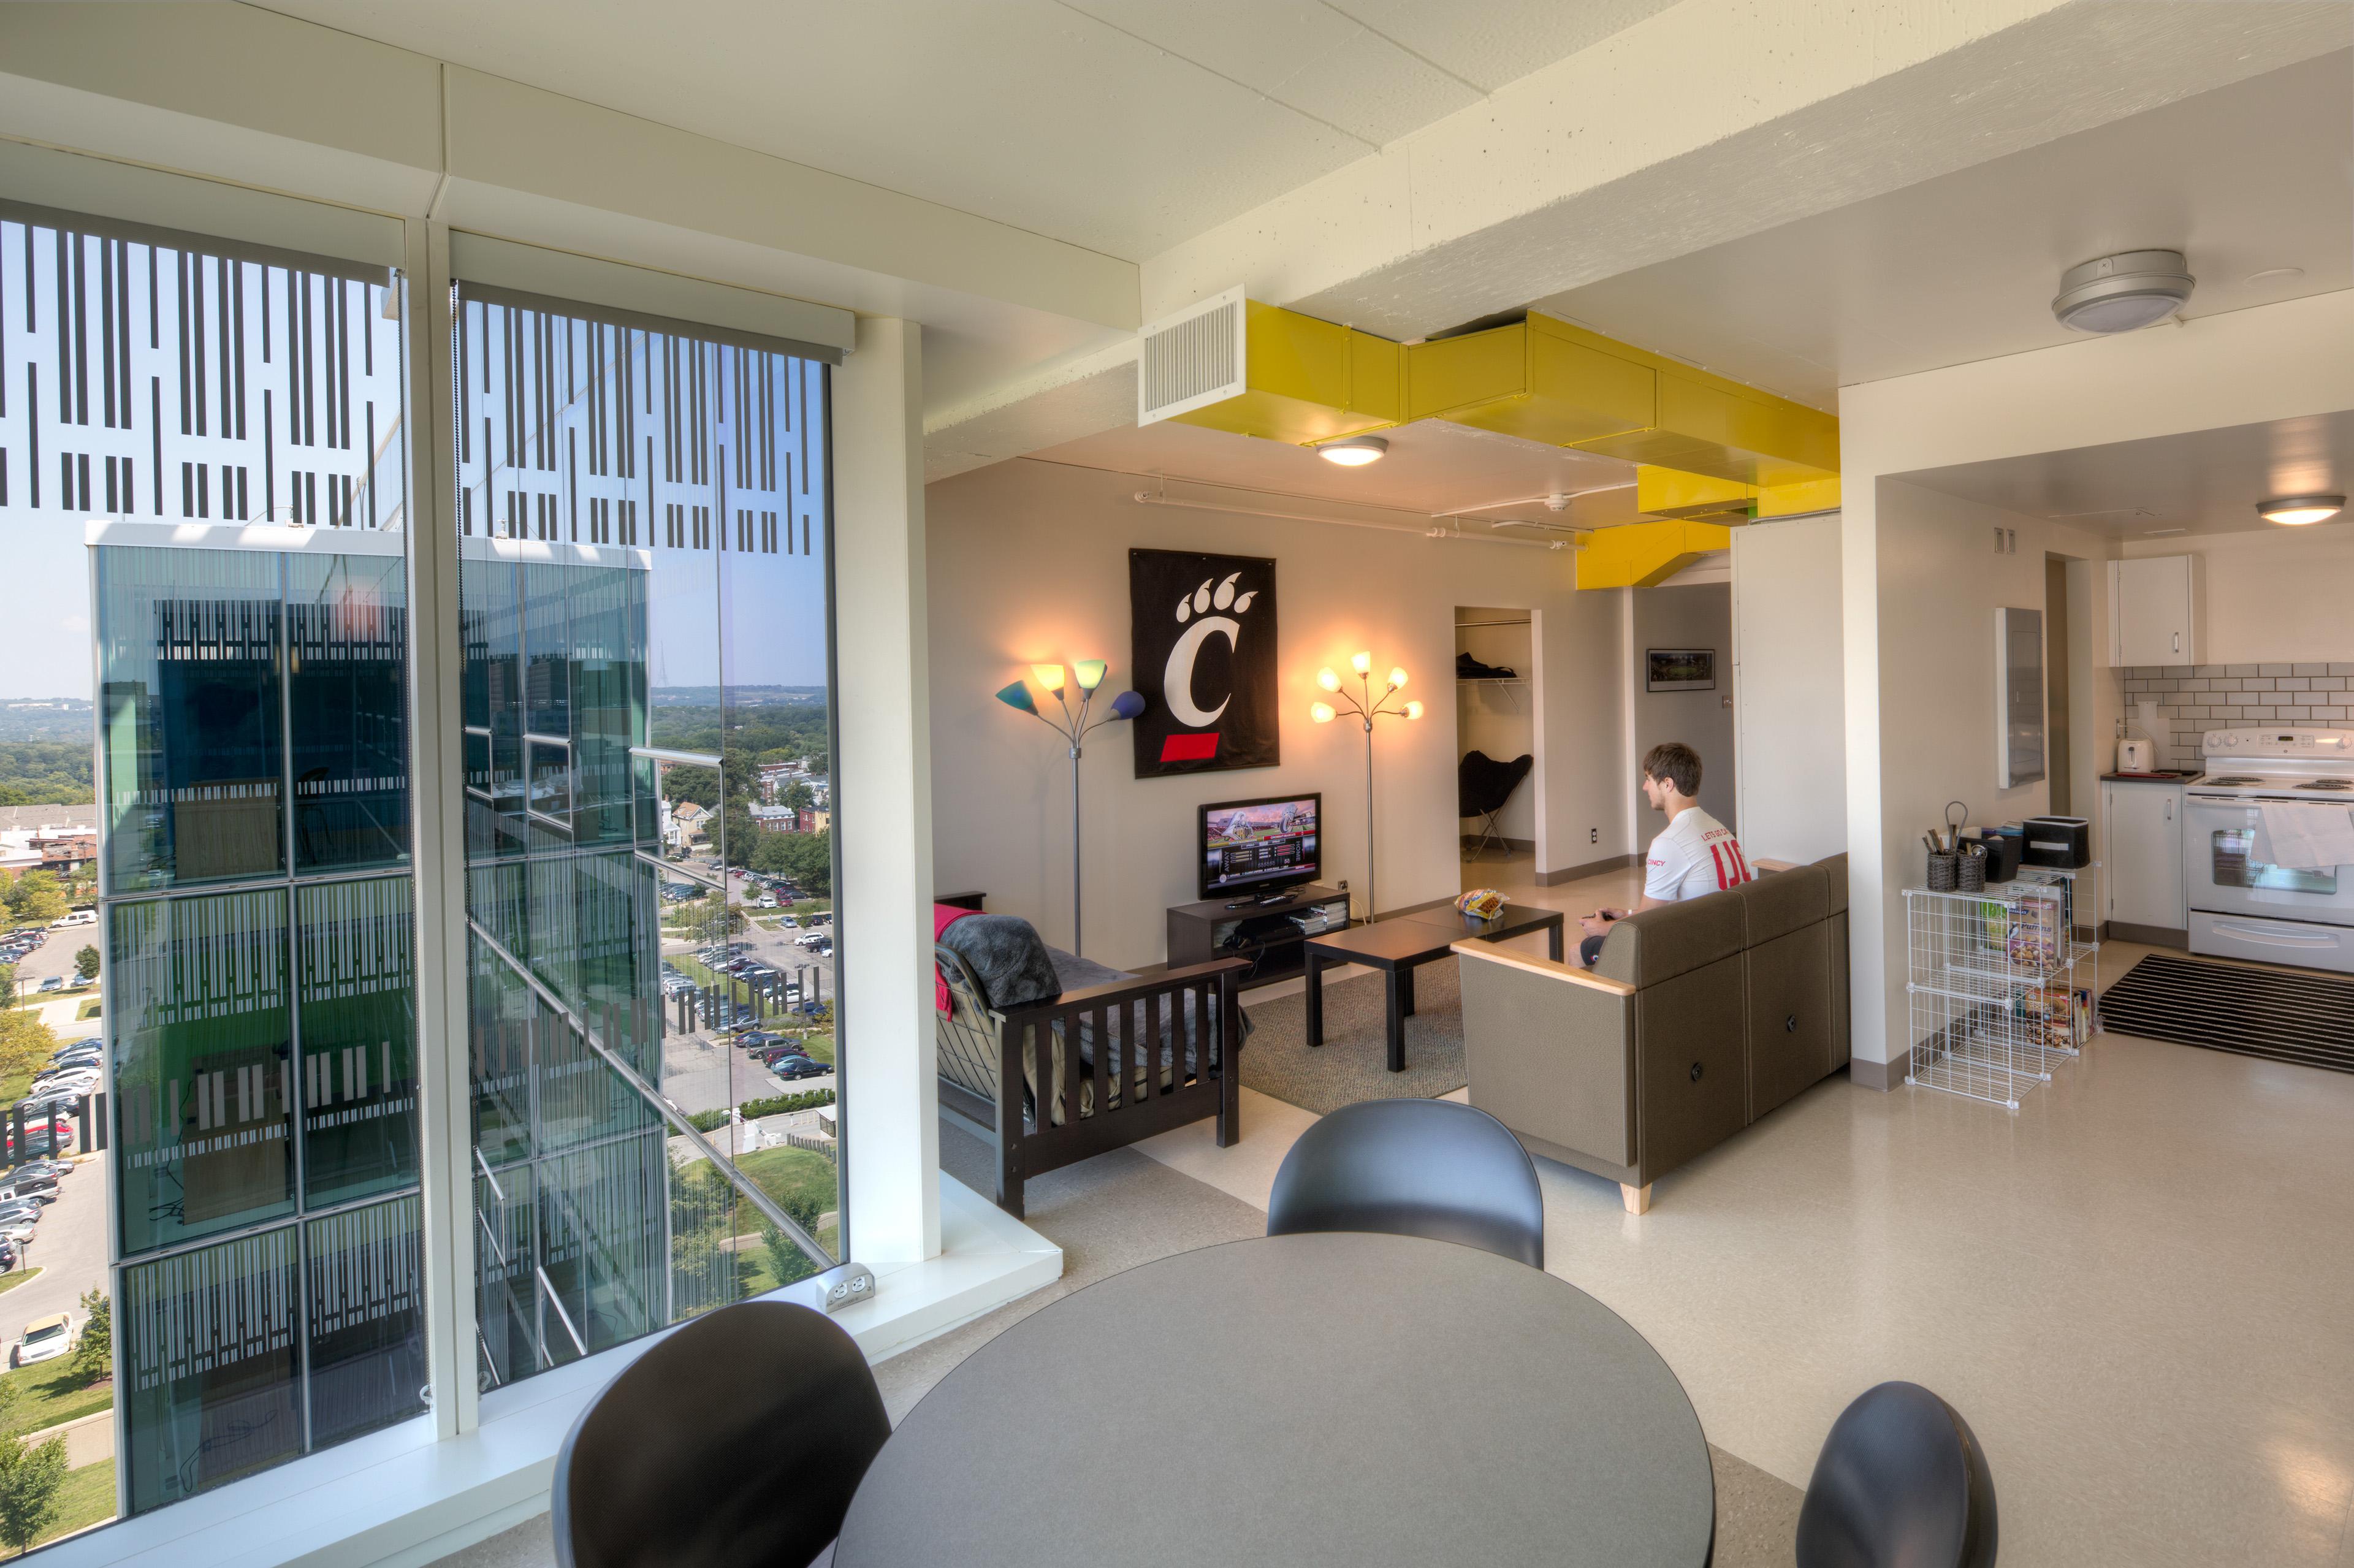 University Of Cincinnati In Oh Interior Design Schools Interior Design Degree Cincinnati